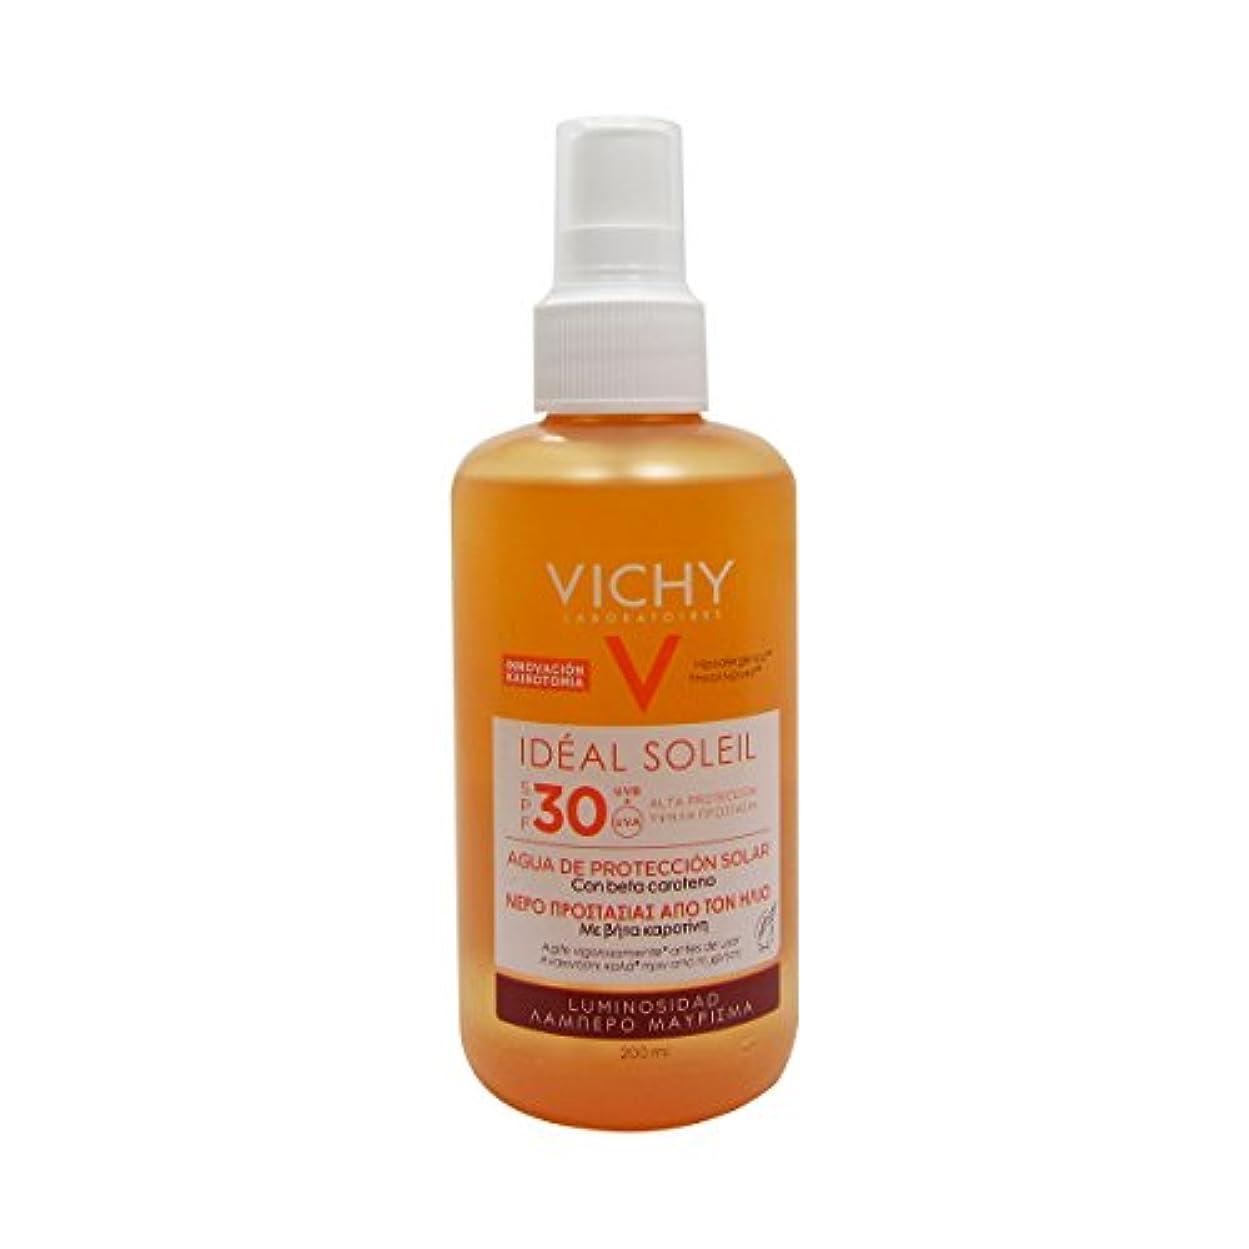 不名誉なインフルエンザ教室Vichy Ideal Soleil Fresh Water Sun Protection Spf30 Luminous Tan 200ml [並行輸入品]